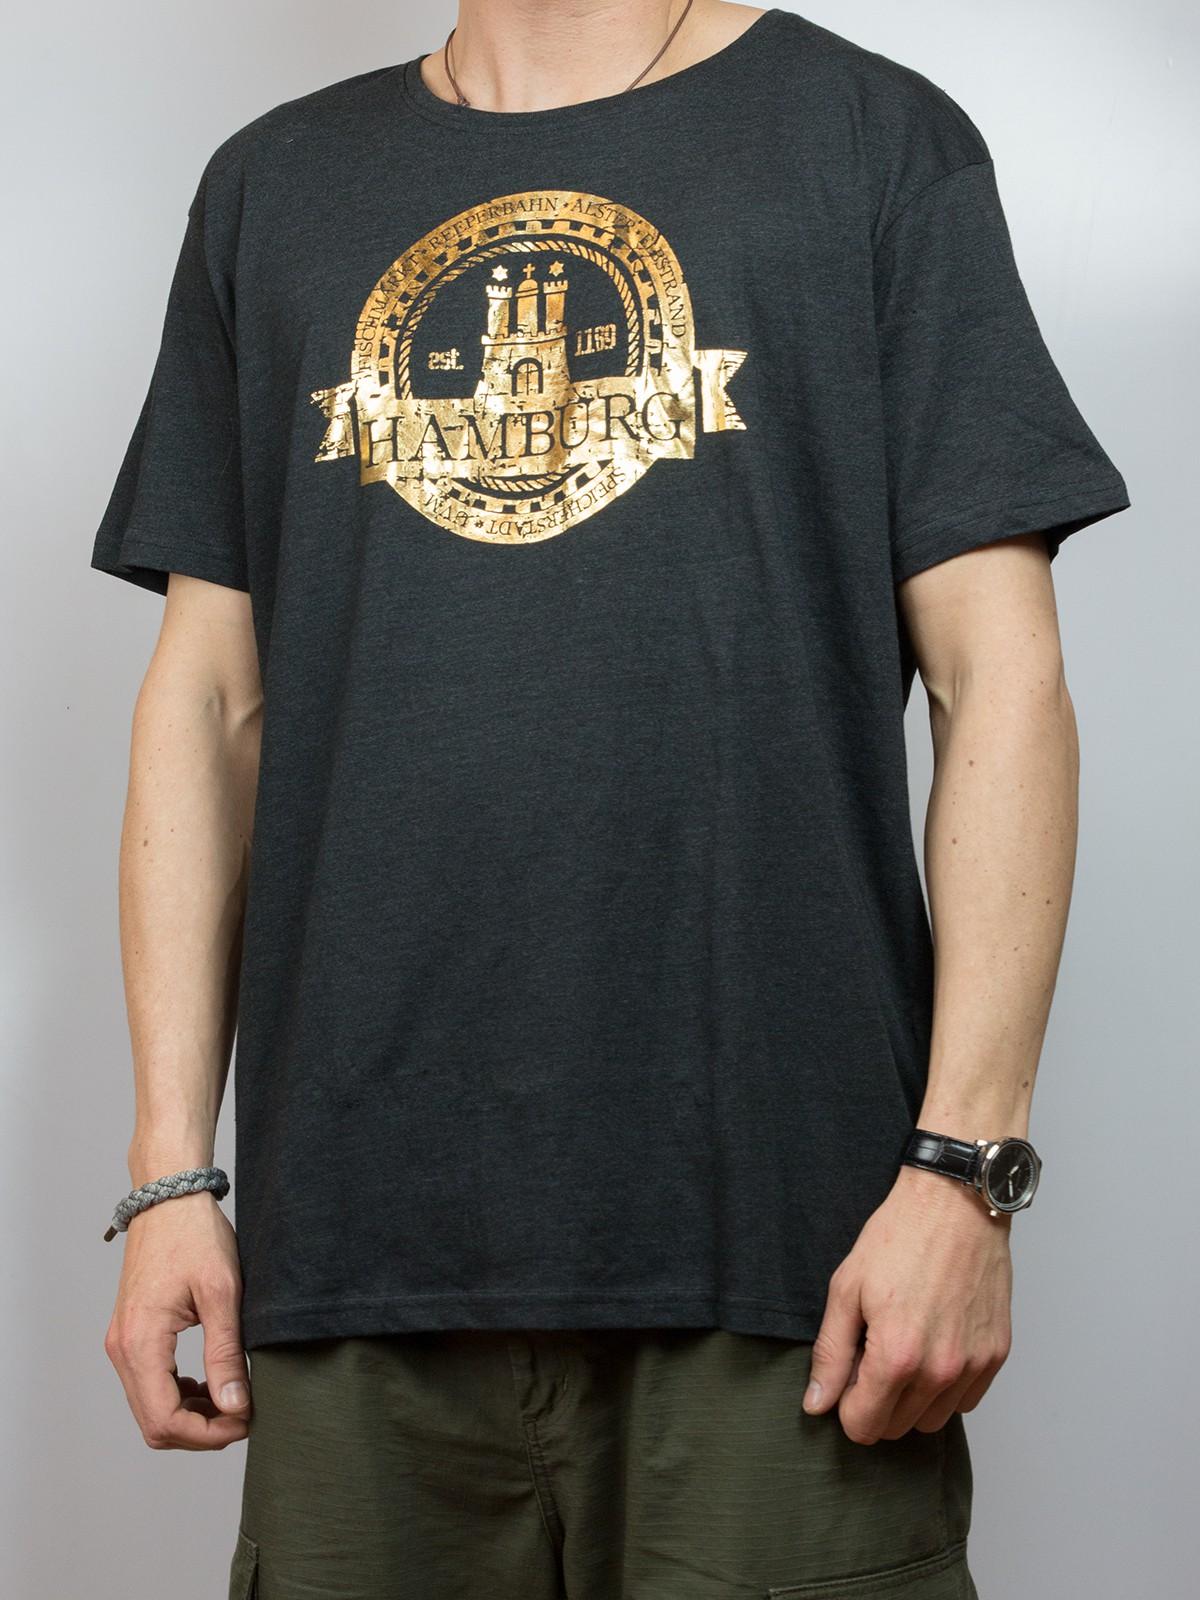 T-Shirt Hamburg Wappen - gold -